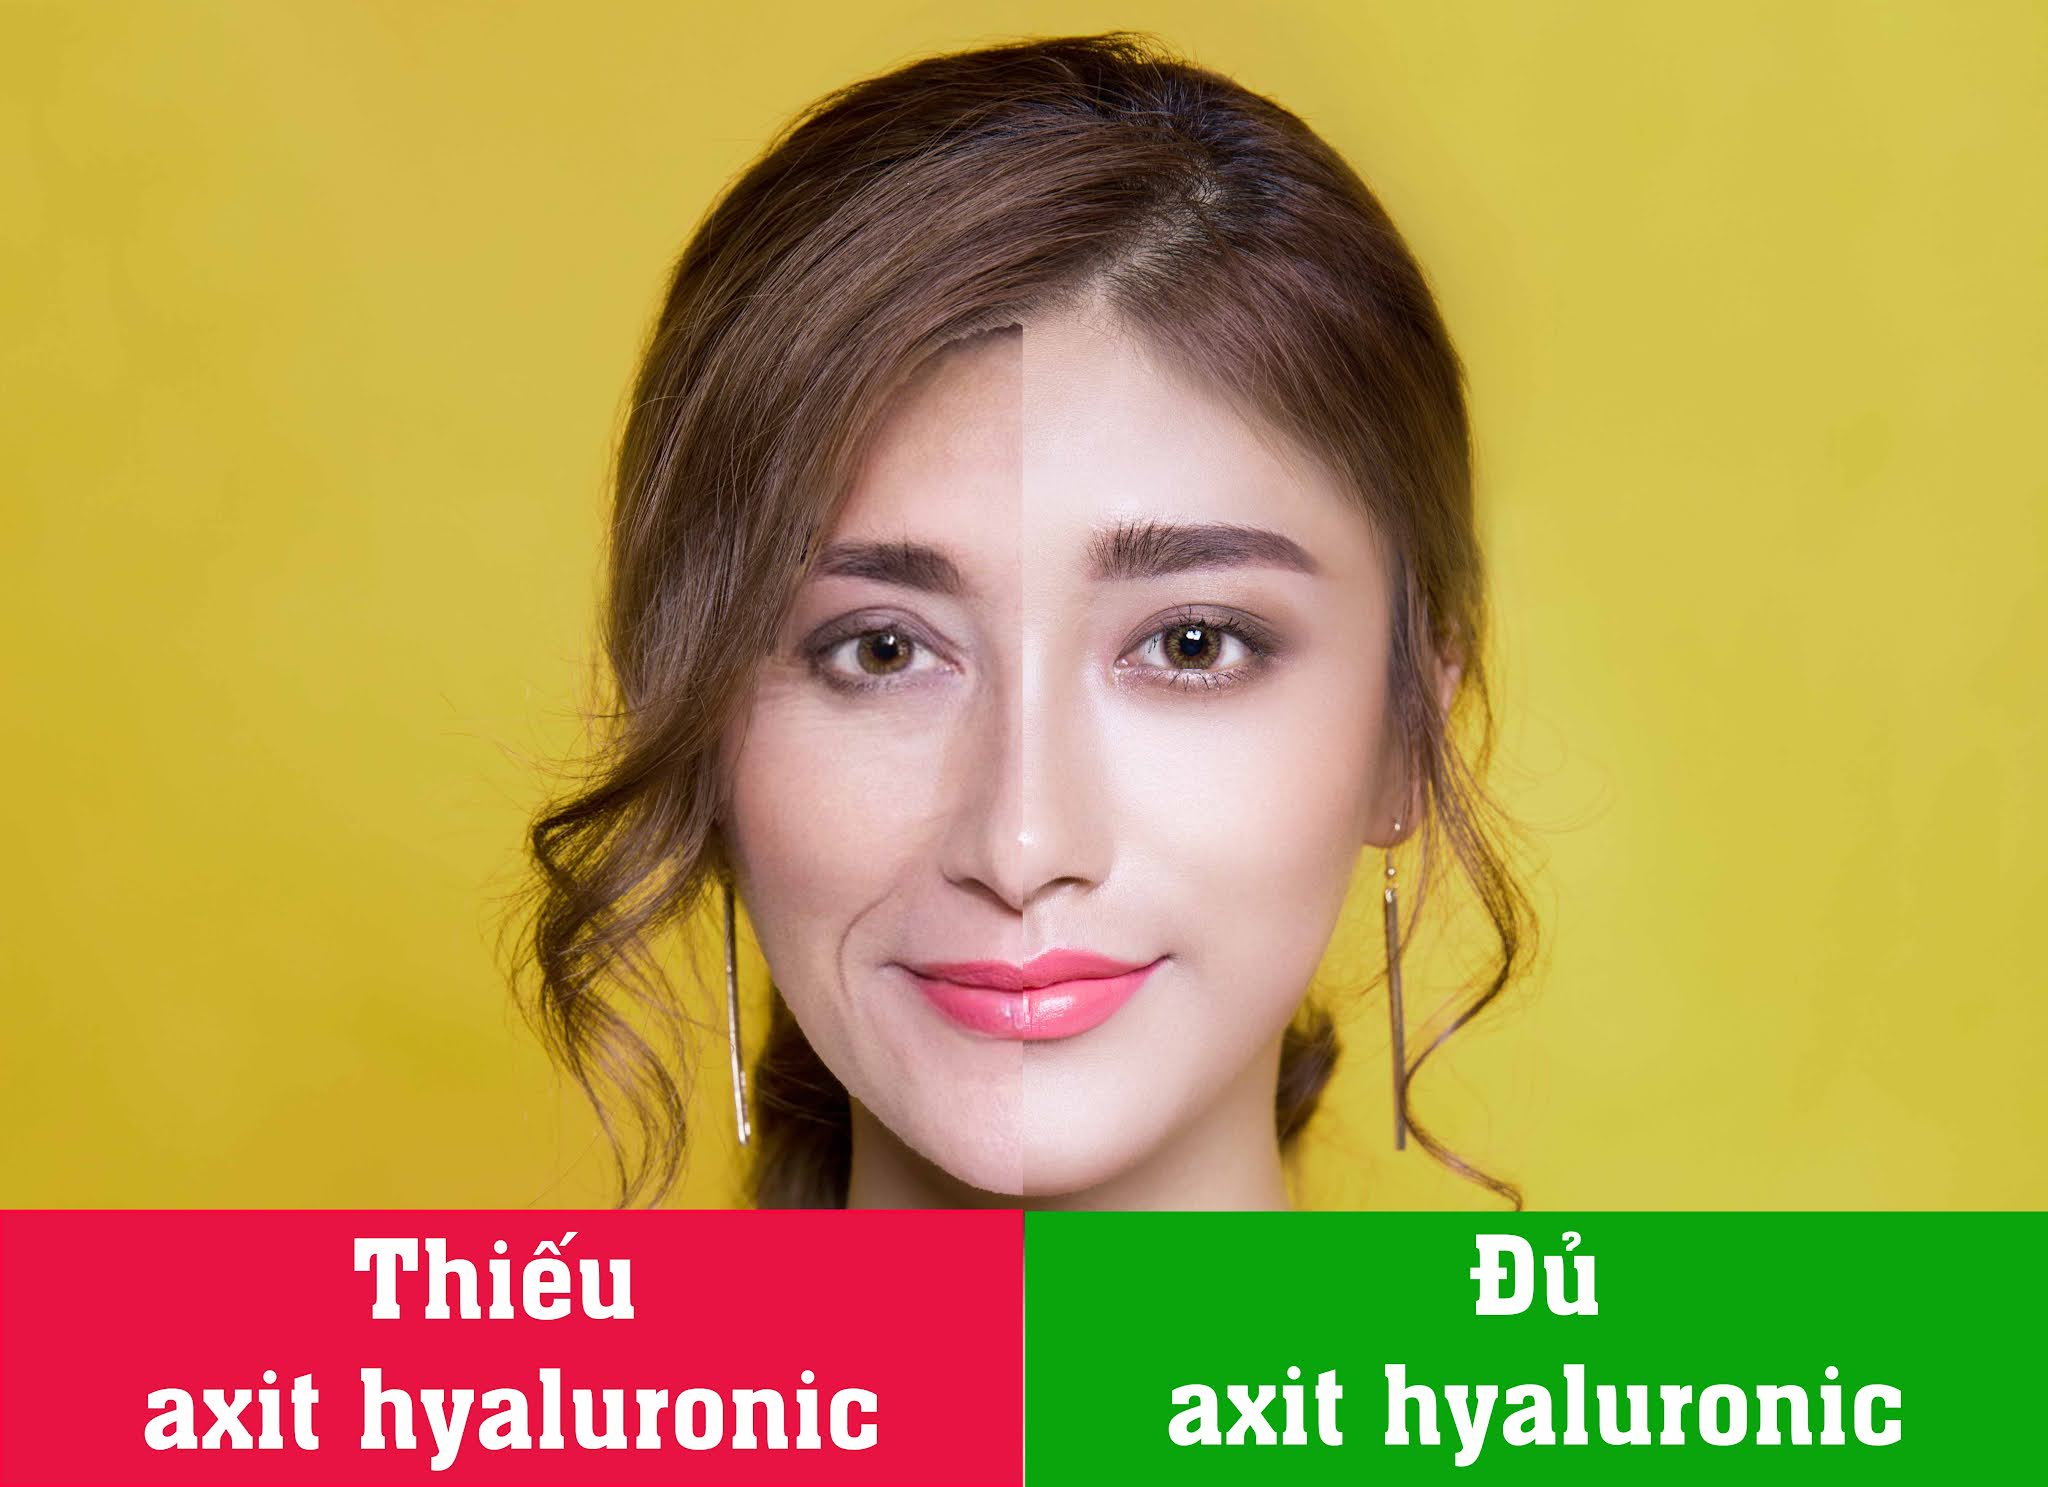 10 lợi ích của axit hyaluronic đối với da